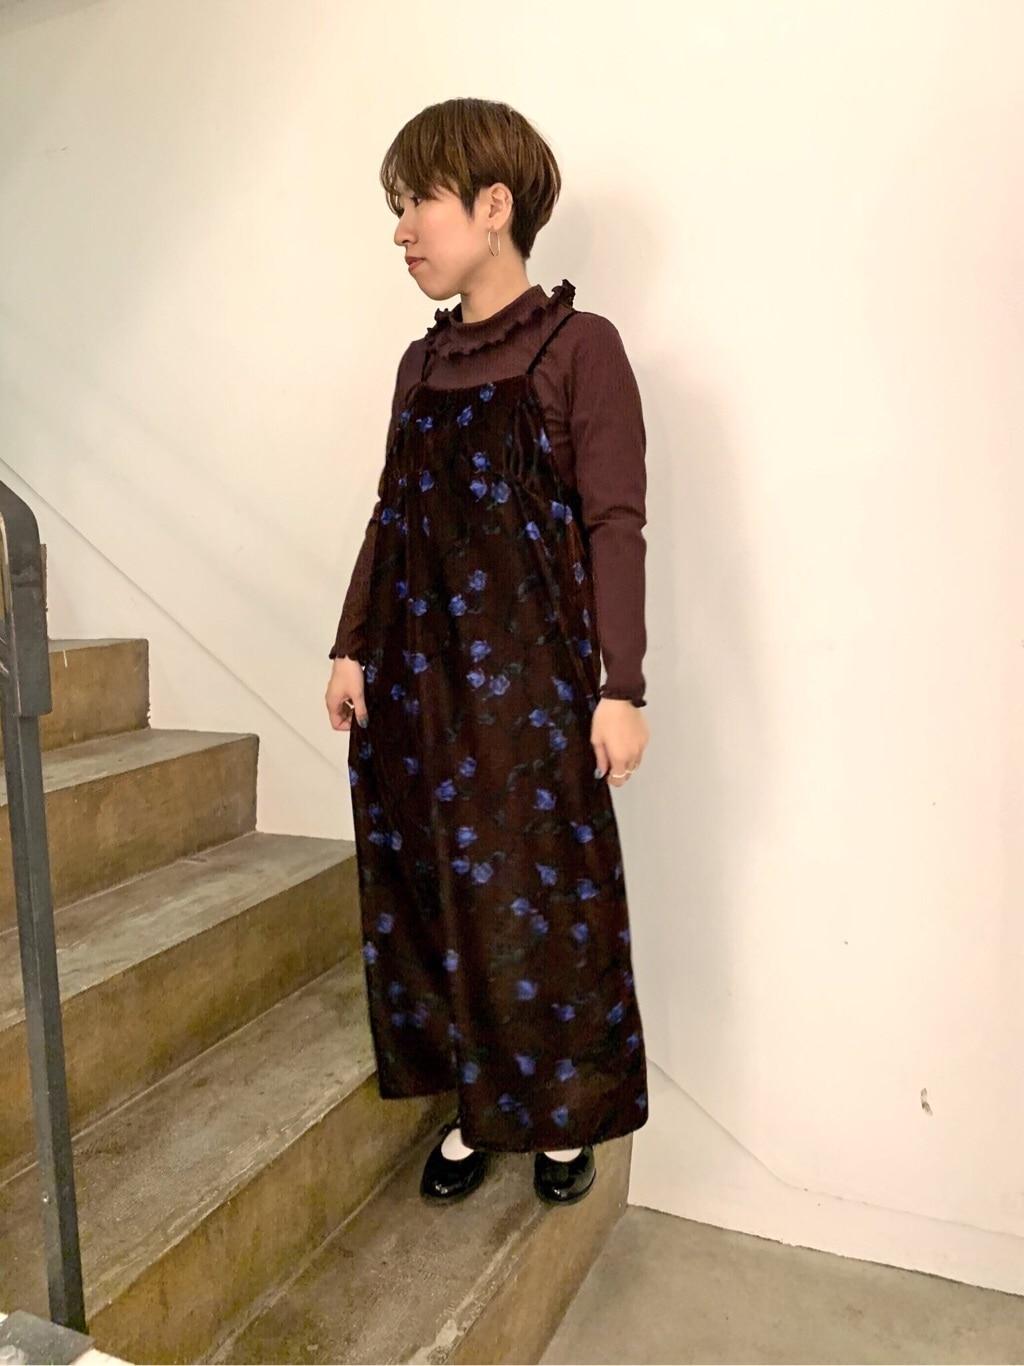 l'atelier du savon 京都路面 身長:148cm 2019.11.15